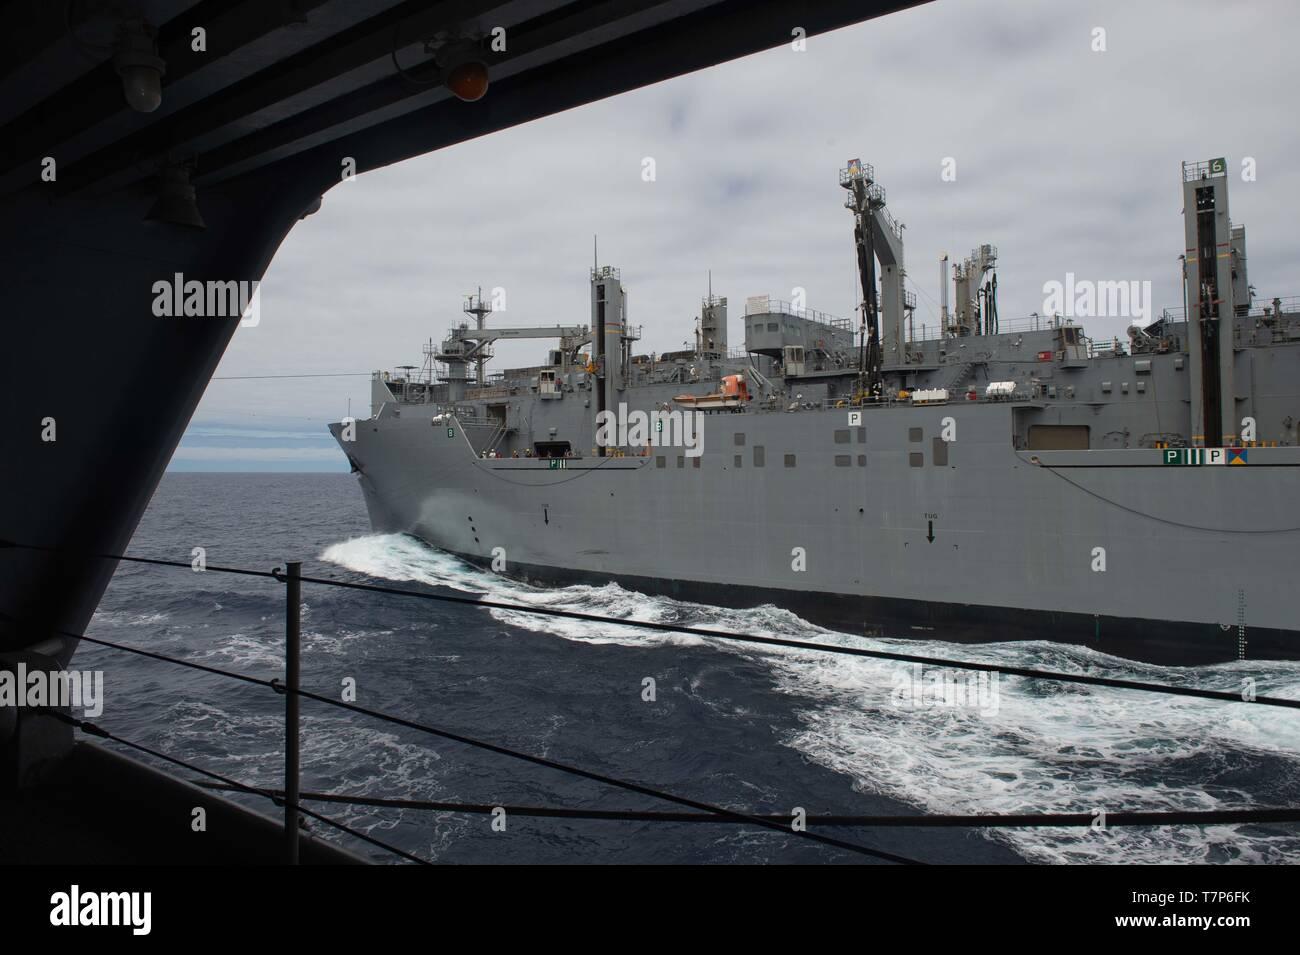 Les cargaisons sèches et de munitions ship USNS Charles Drew (T-AKE 10) effectue un ravitaillement en mer avec le porte-avions USS JOHN C. STENNIS (CVN 74) dans l'océan Atlantique, le 5 mai 2019. Le John C. Stennis (Groupe JCSCSG) est déployée à l'appui des efforts de coopération en matière de sécurité maritime dans la sixième flotte américaine zone de responsabilité. (U.S. Photo par marine Spécialiste de la communication de masse Seaman Apprentice Jordanie Ripley) Photo Stock